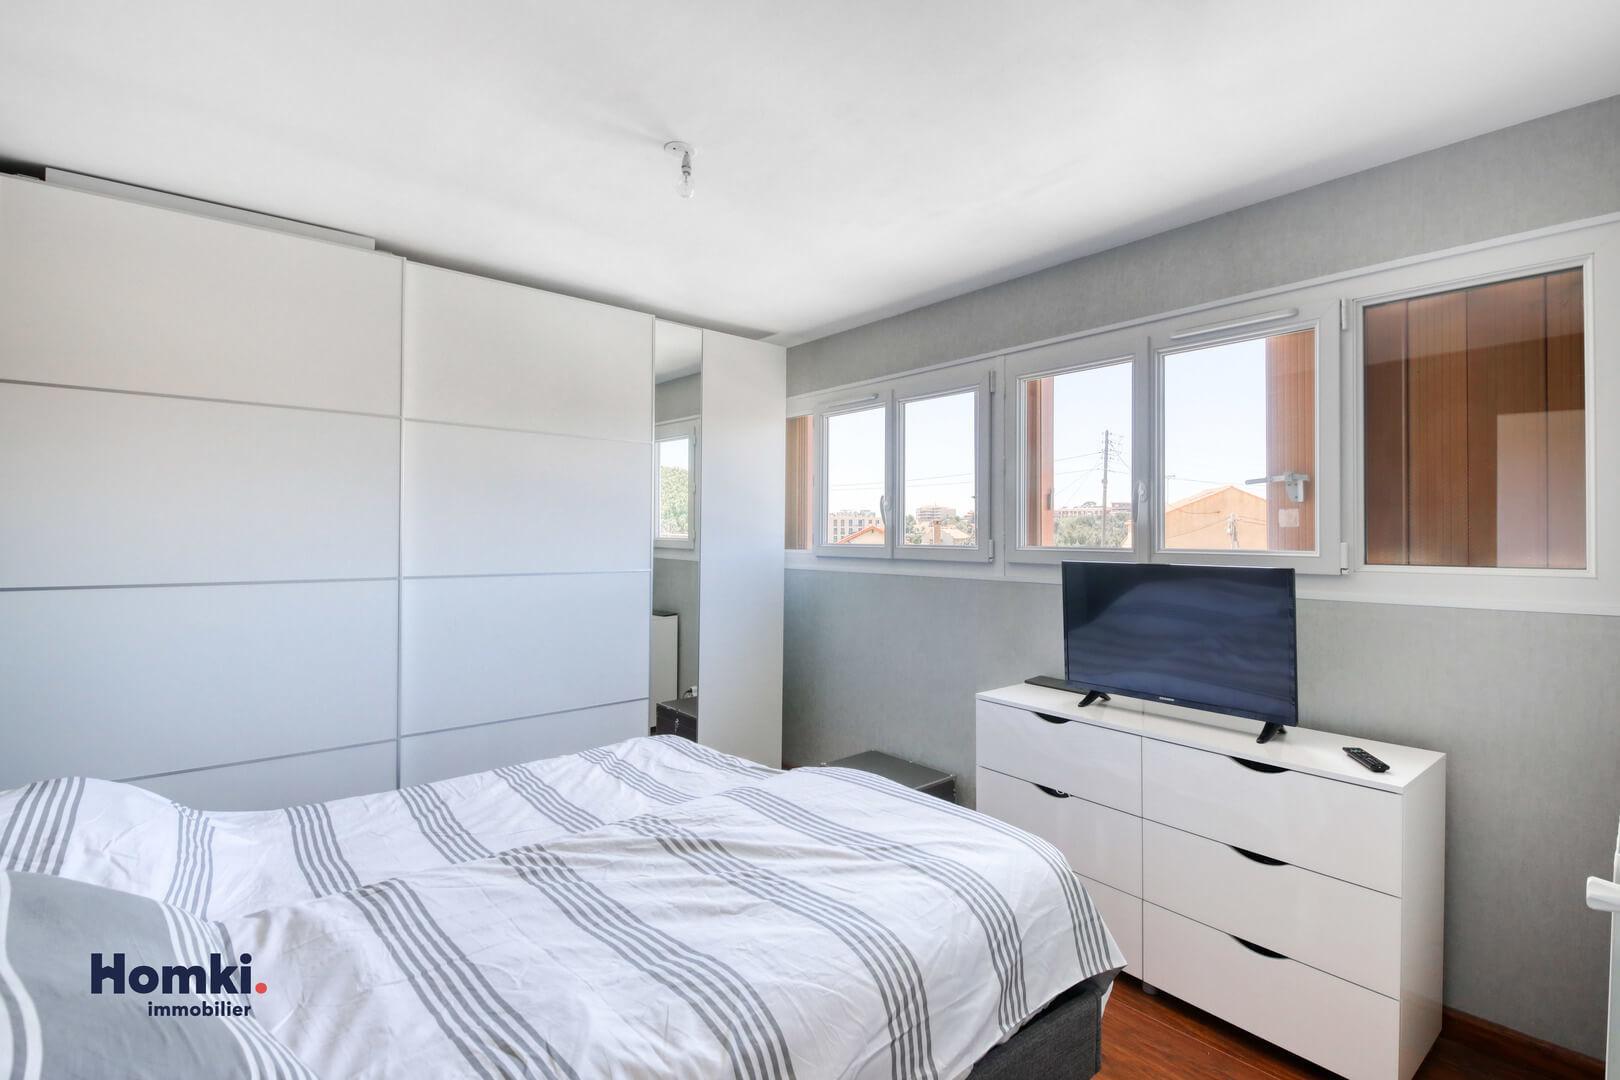 Vente Appartement 81 m² T5 13015_8